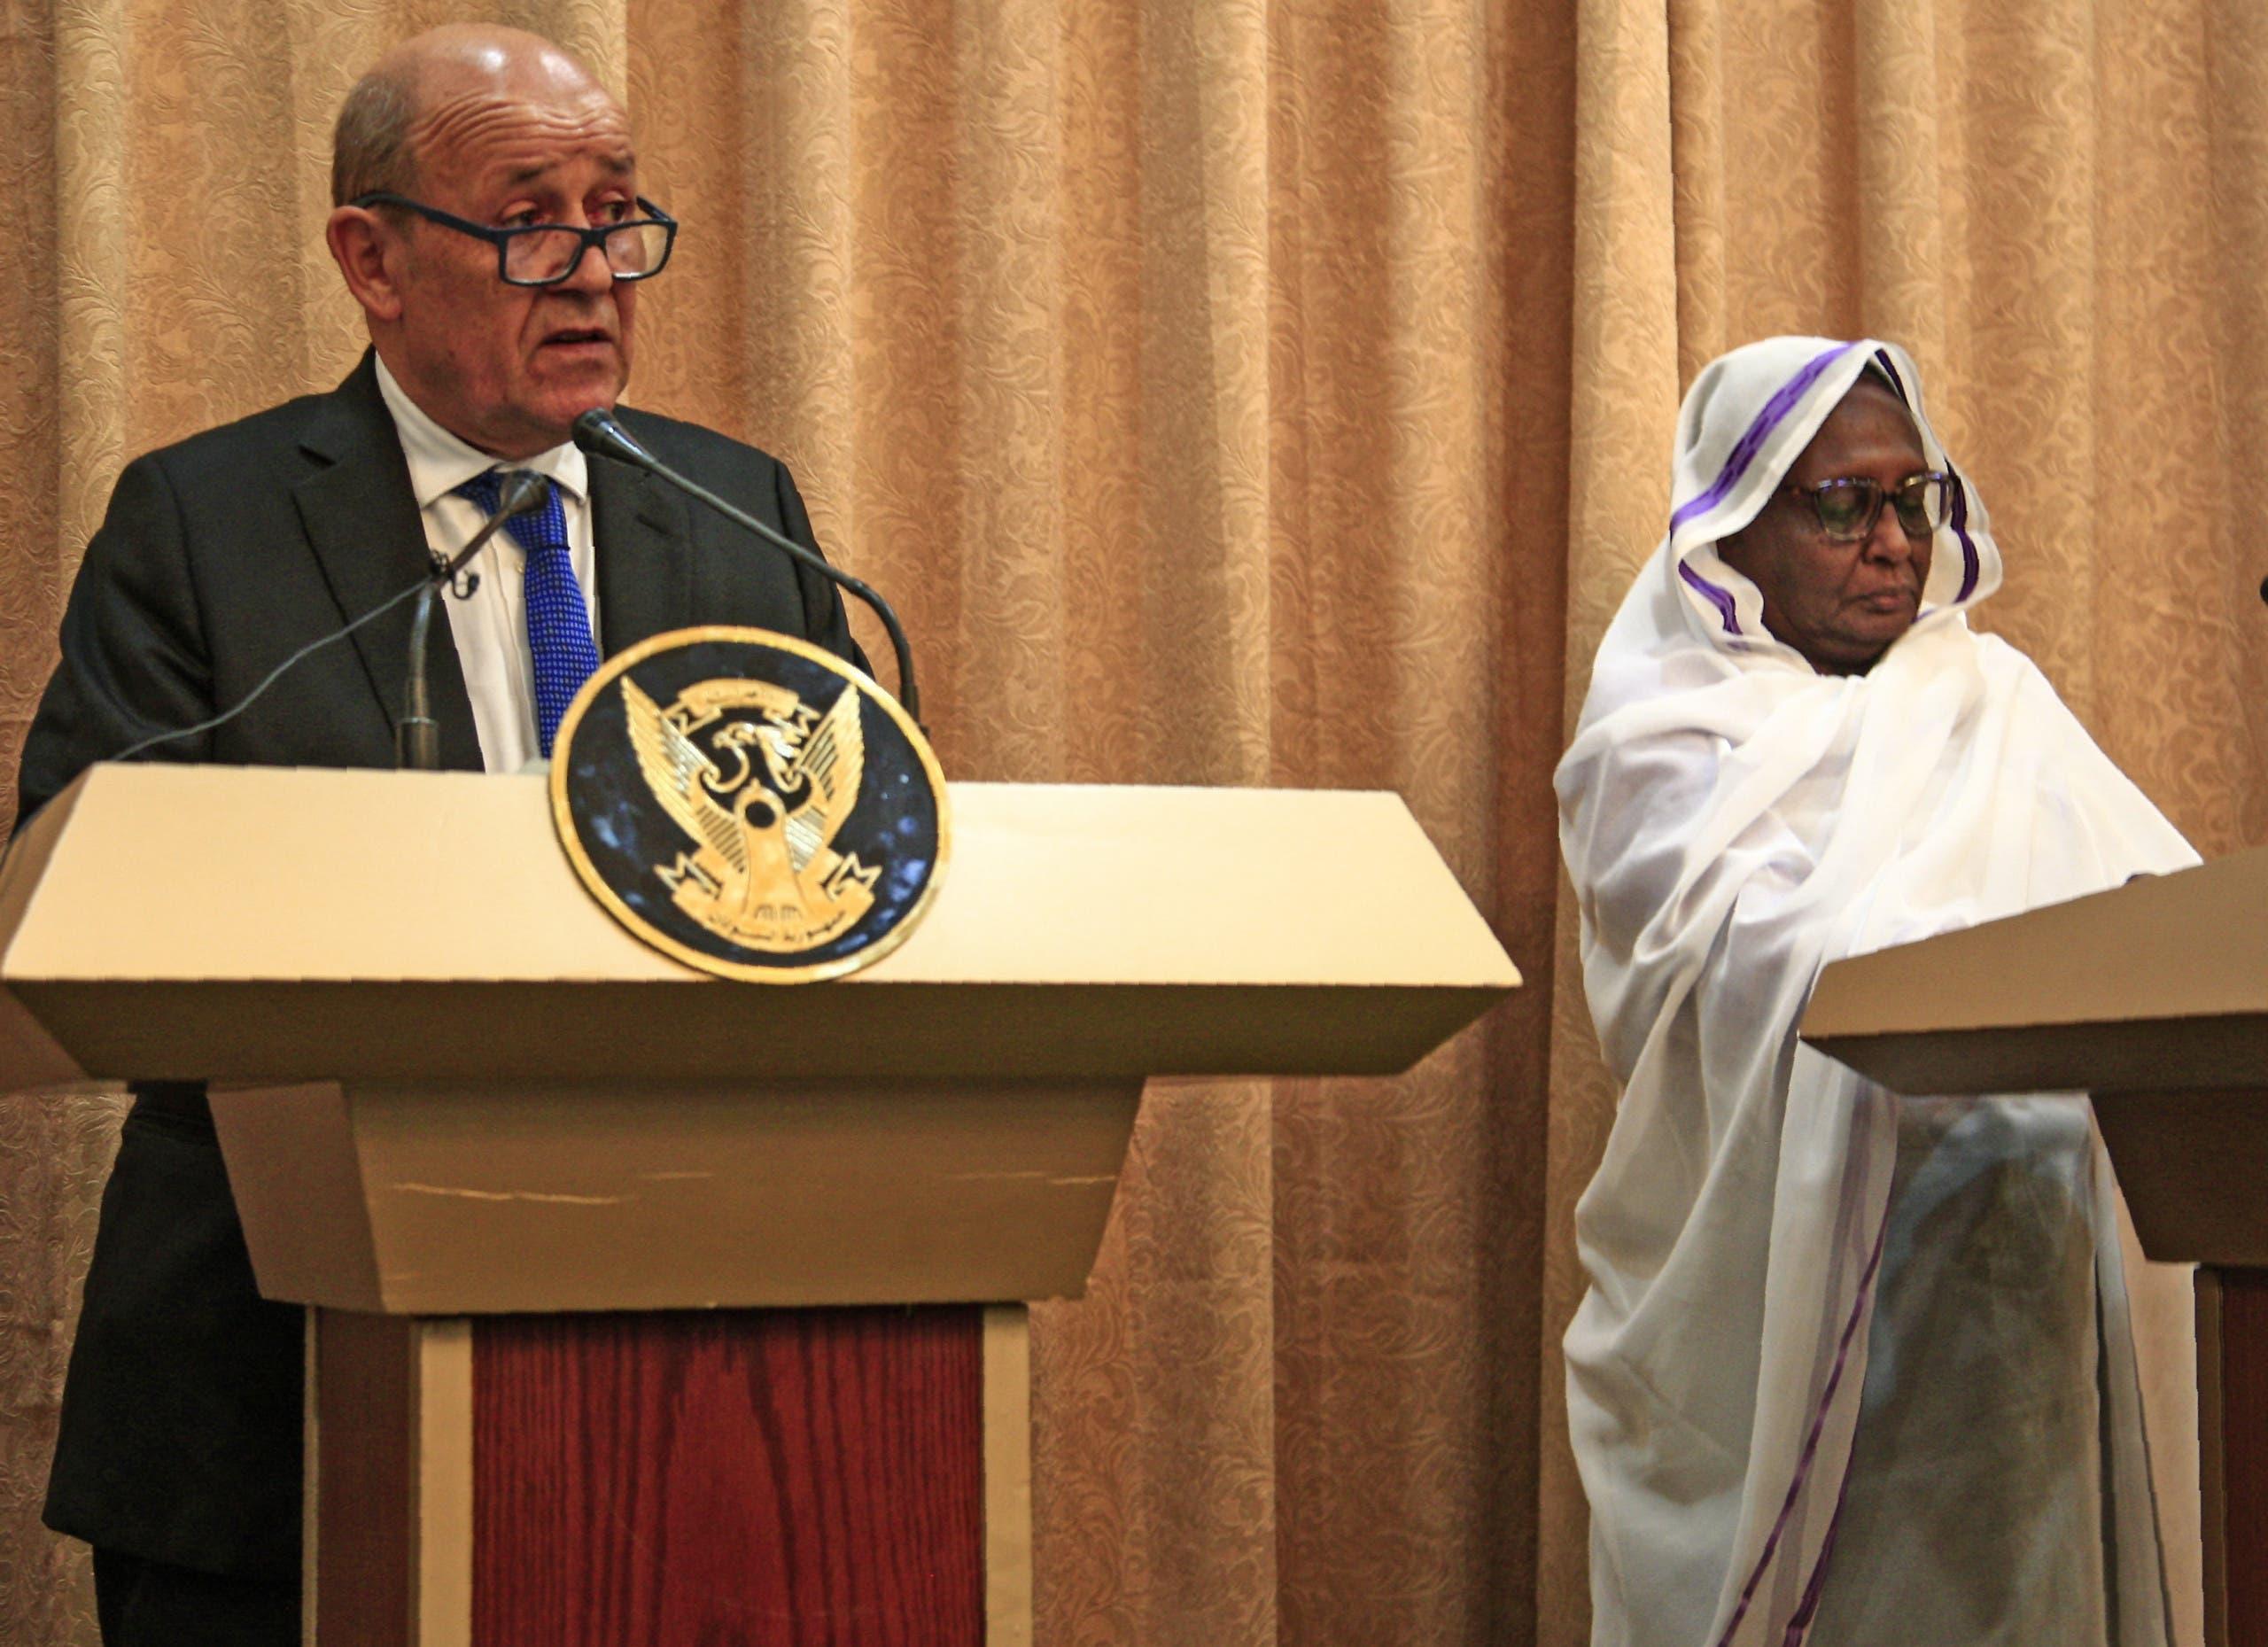 وزير الخارجية الفرنسي ايف لو دريان ونظيرته السودانية أسماء عبد الله (فرانس برس)